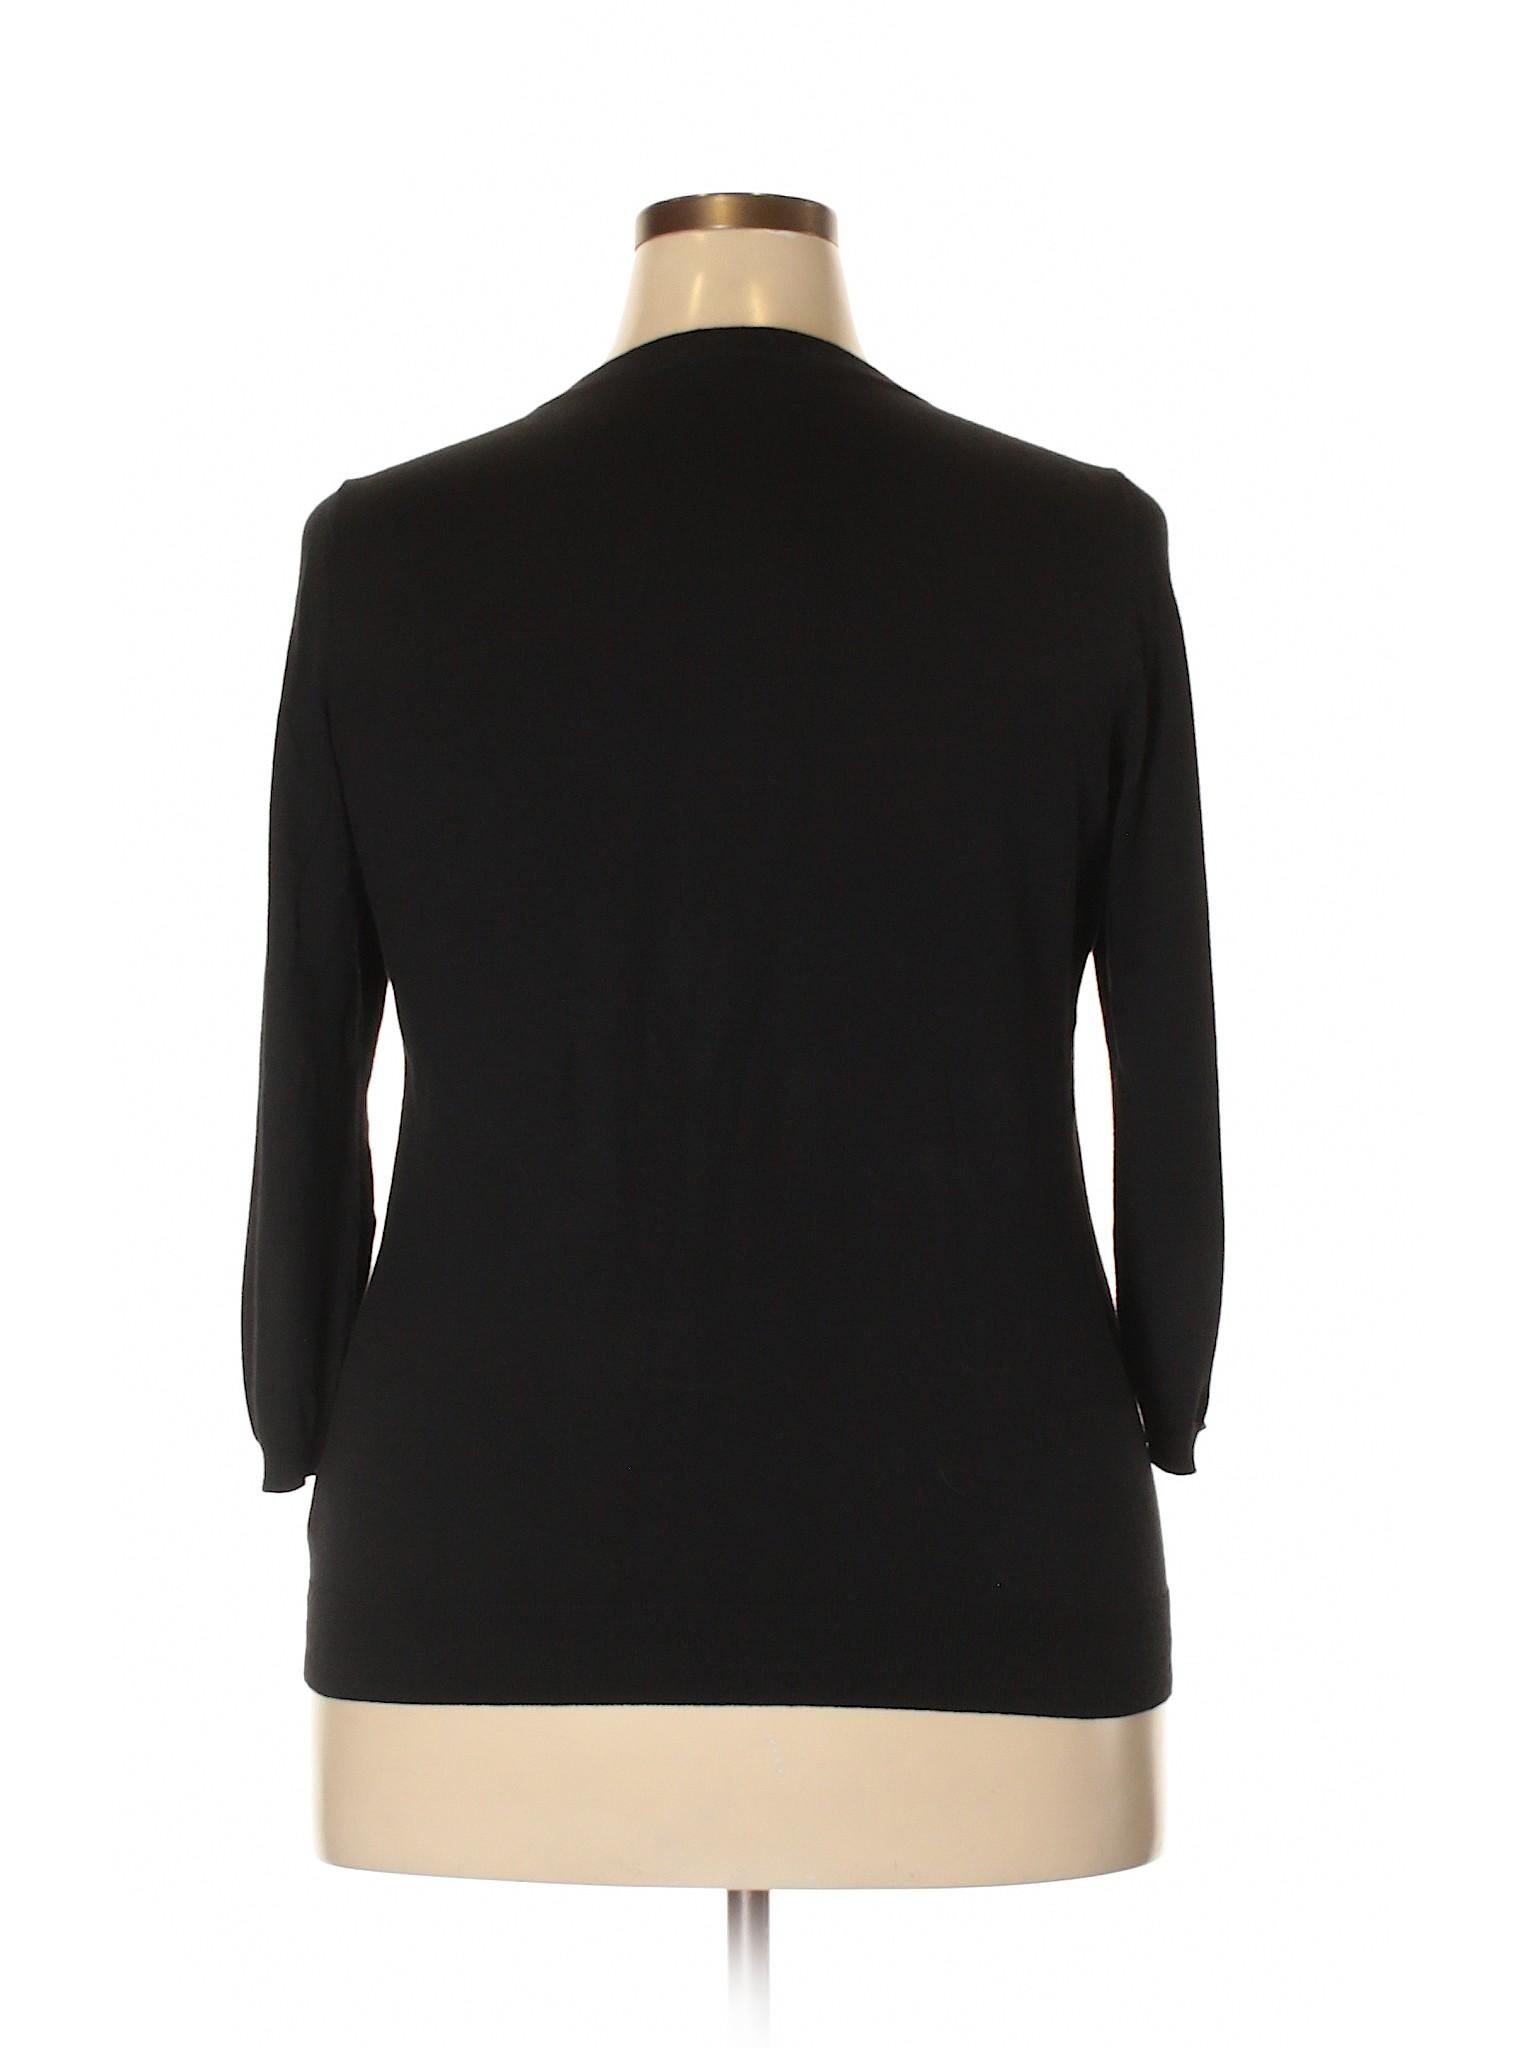 Sweater Pullover Pullover Sweater Pullover Boutique Boutique Talbots Sweater Talbots Boutique Talbots qawzgwxX